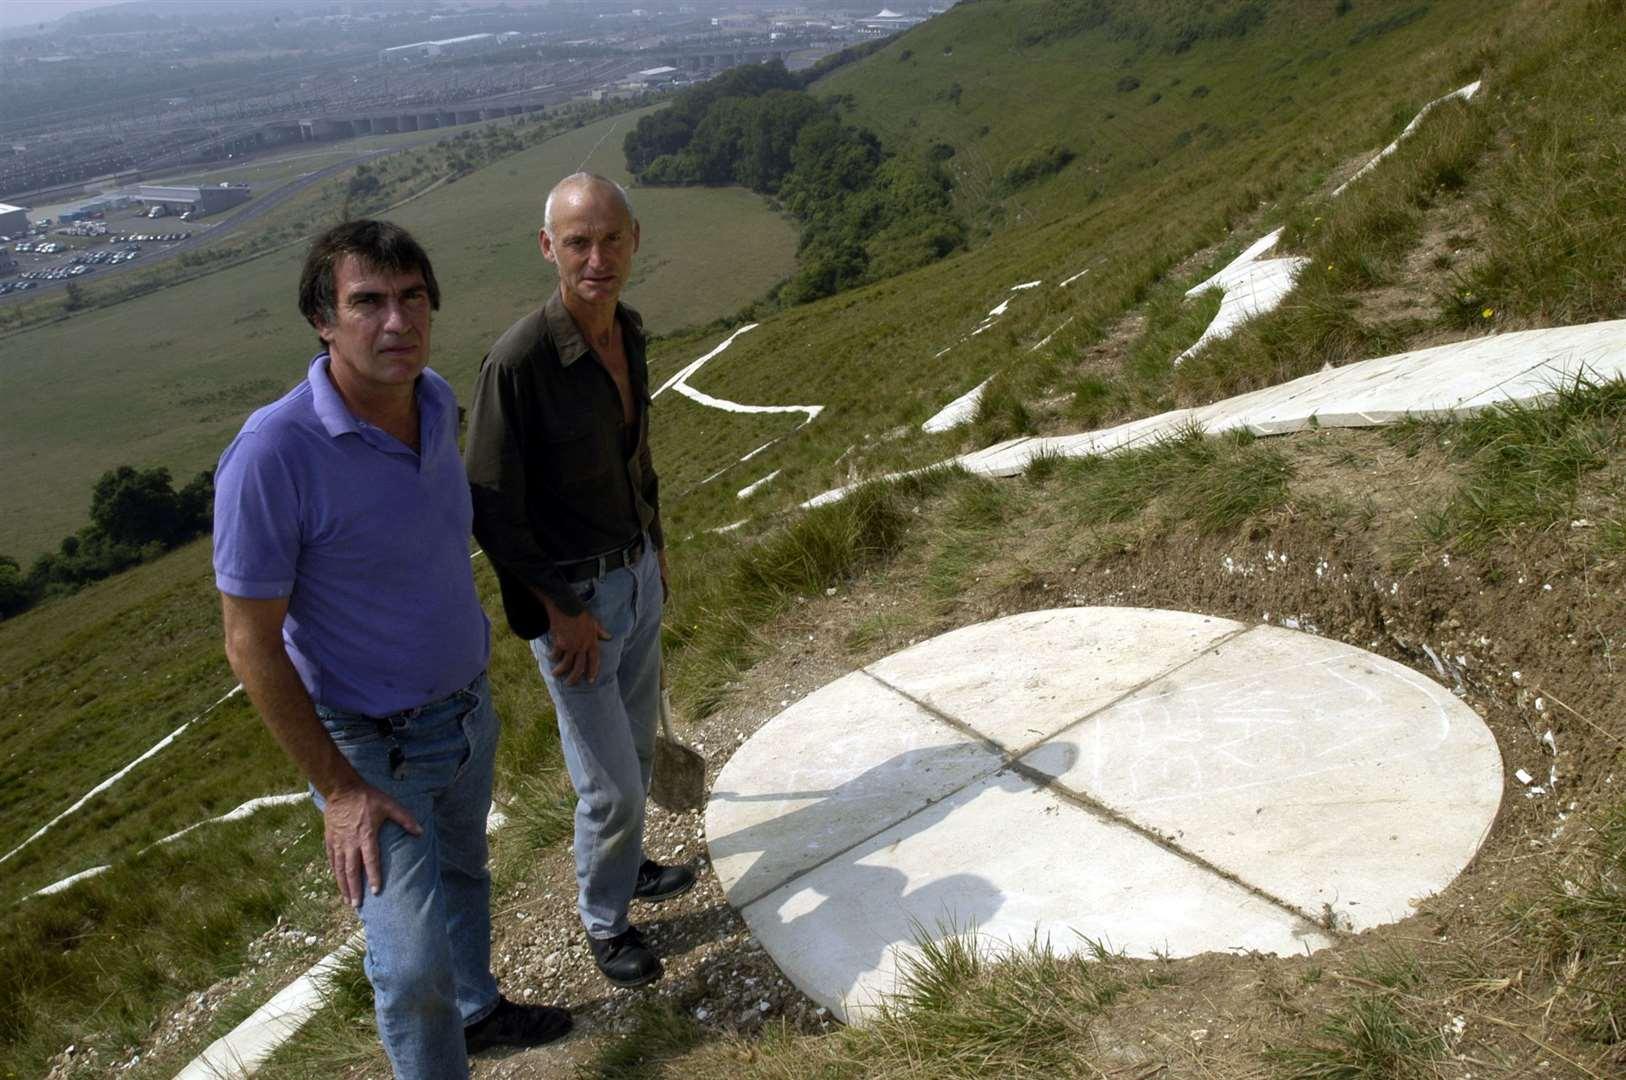 El artista Charles Newington y el escultor Brian Hall fueron fotografiados en agosto de 2003, inmediatamente después de instalar el ojo, que fue la última parte en implementarse